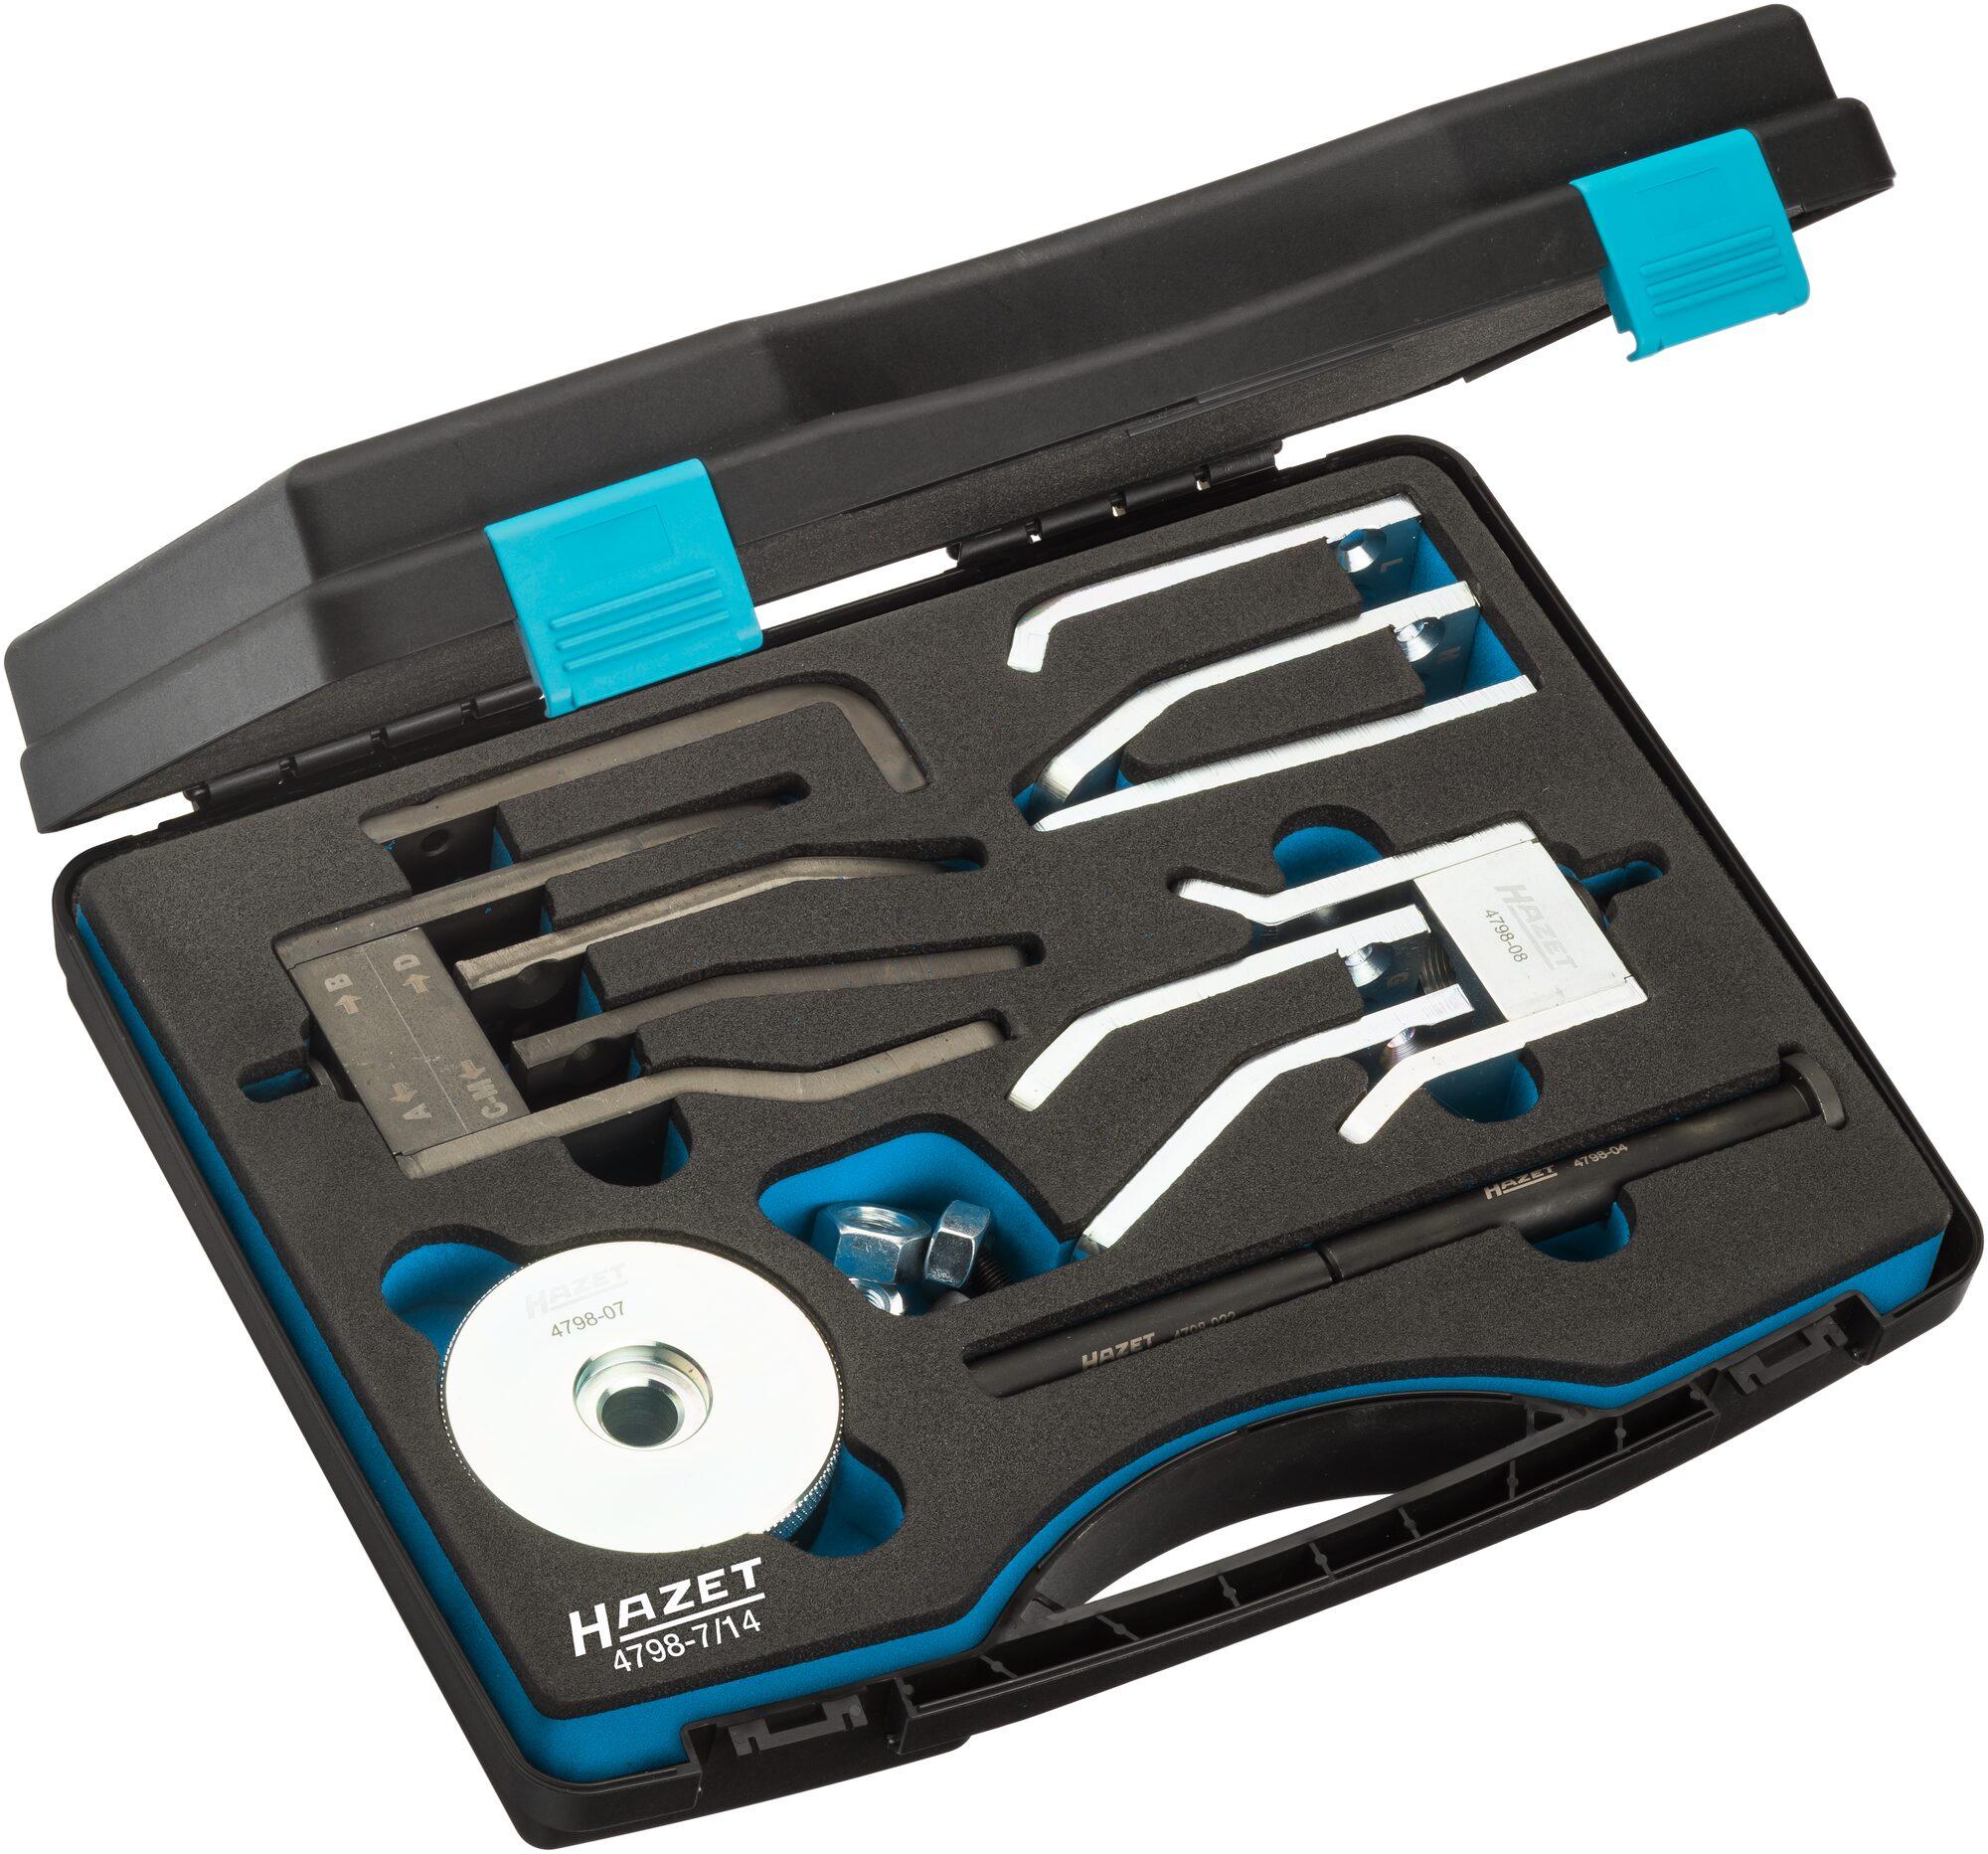 HAZET Universal Injektorwerkzeug-Satz Denso 4798-7/14 ∙ Anzahl Werkzeuge: 14